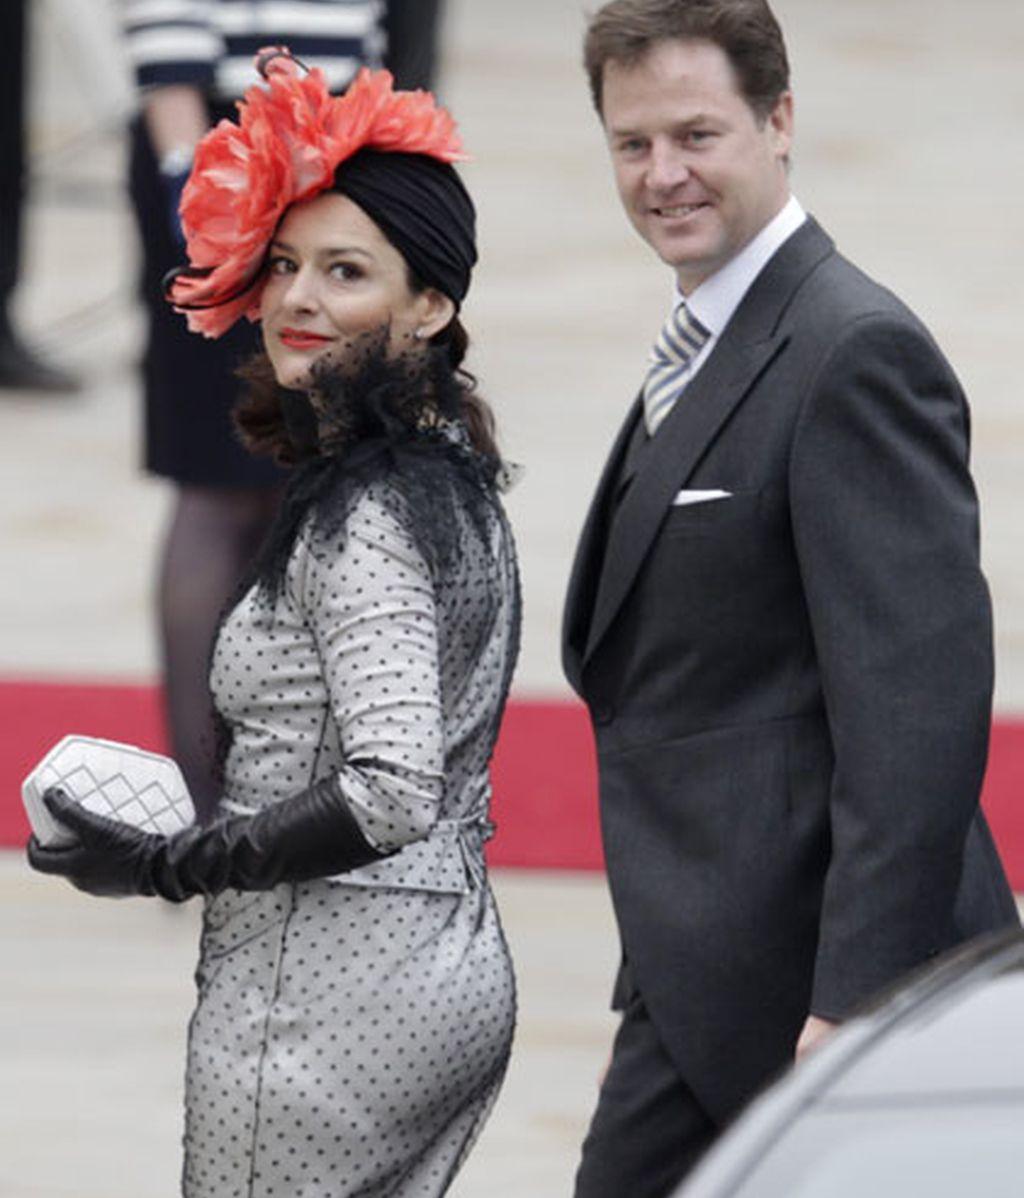 El primer ministro británico Nick Clegg y su esposa